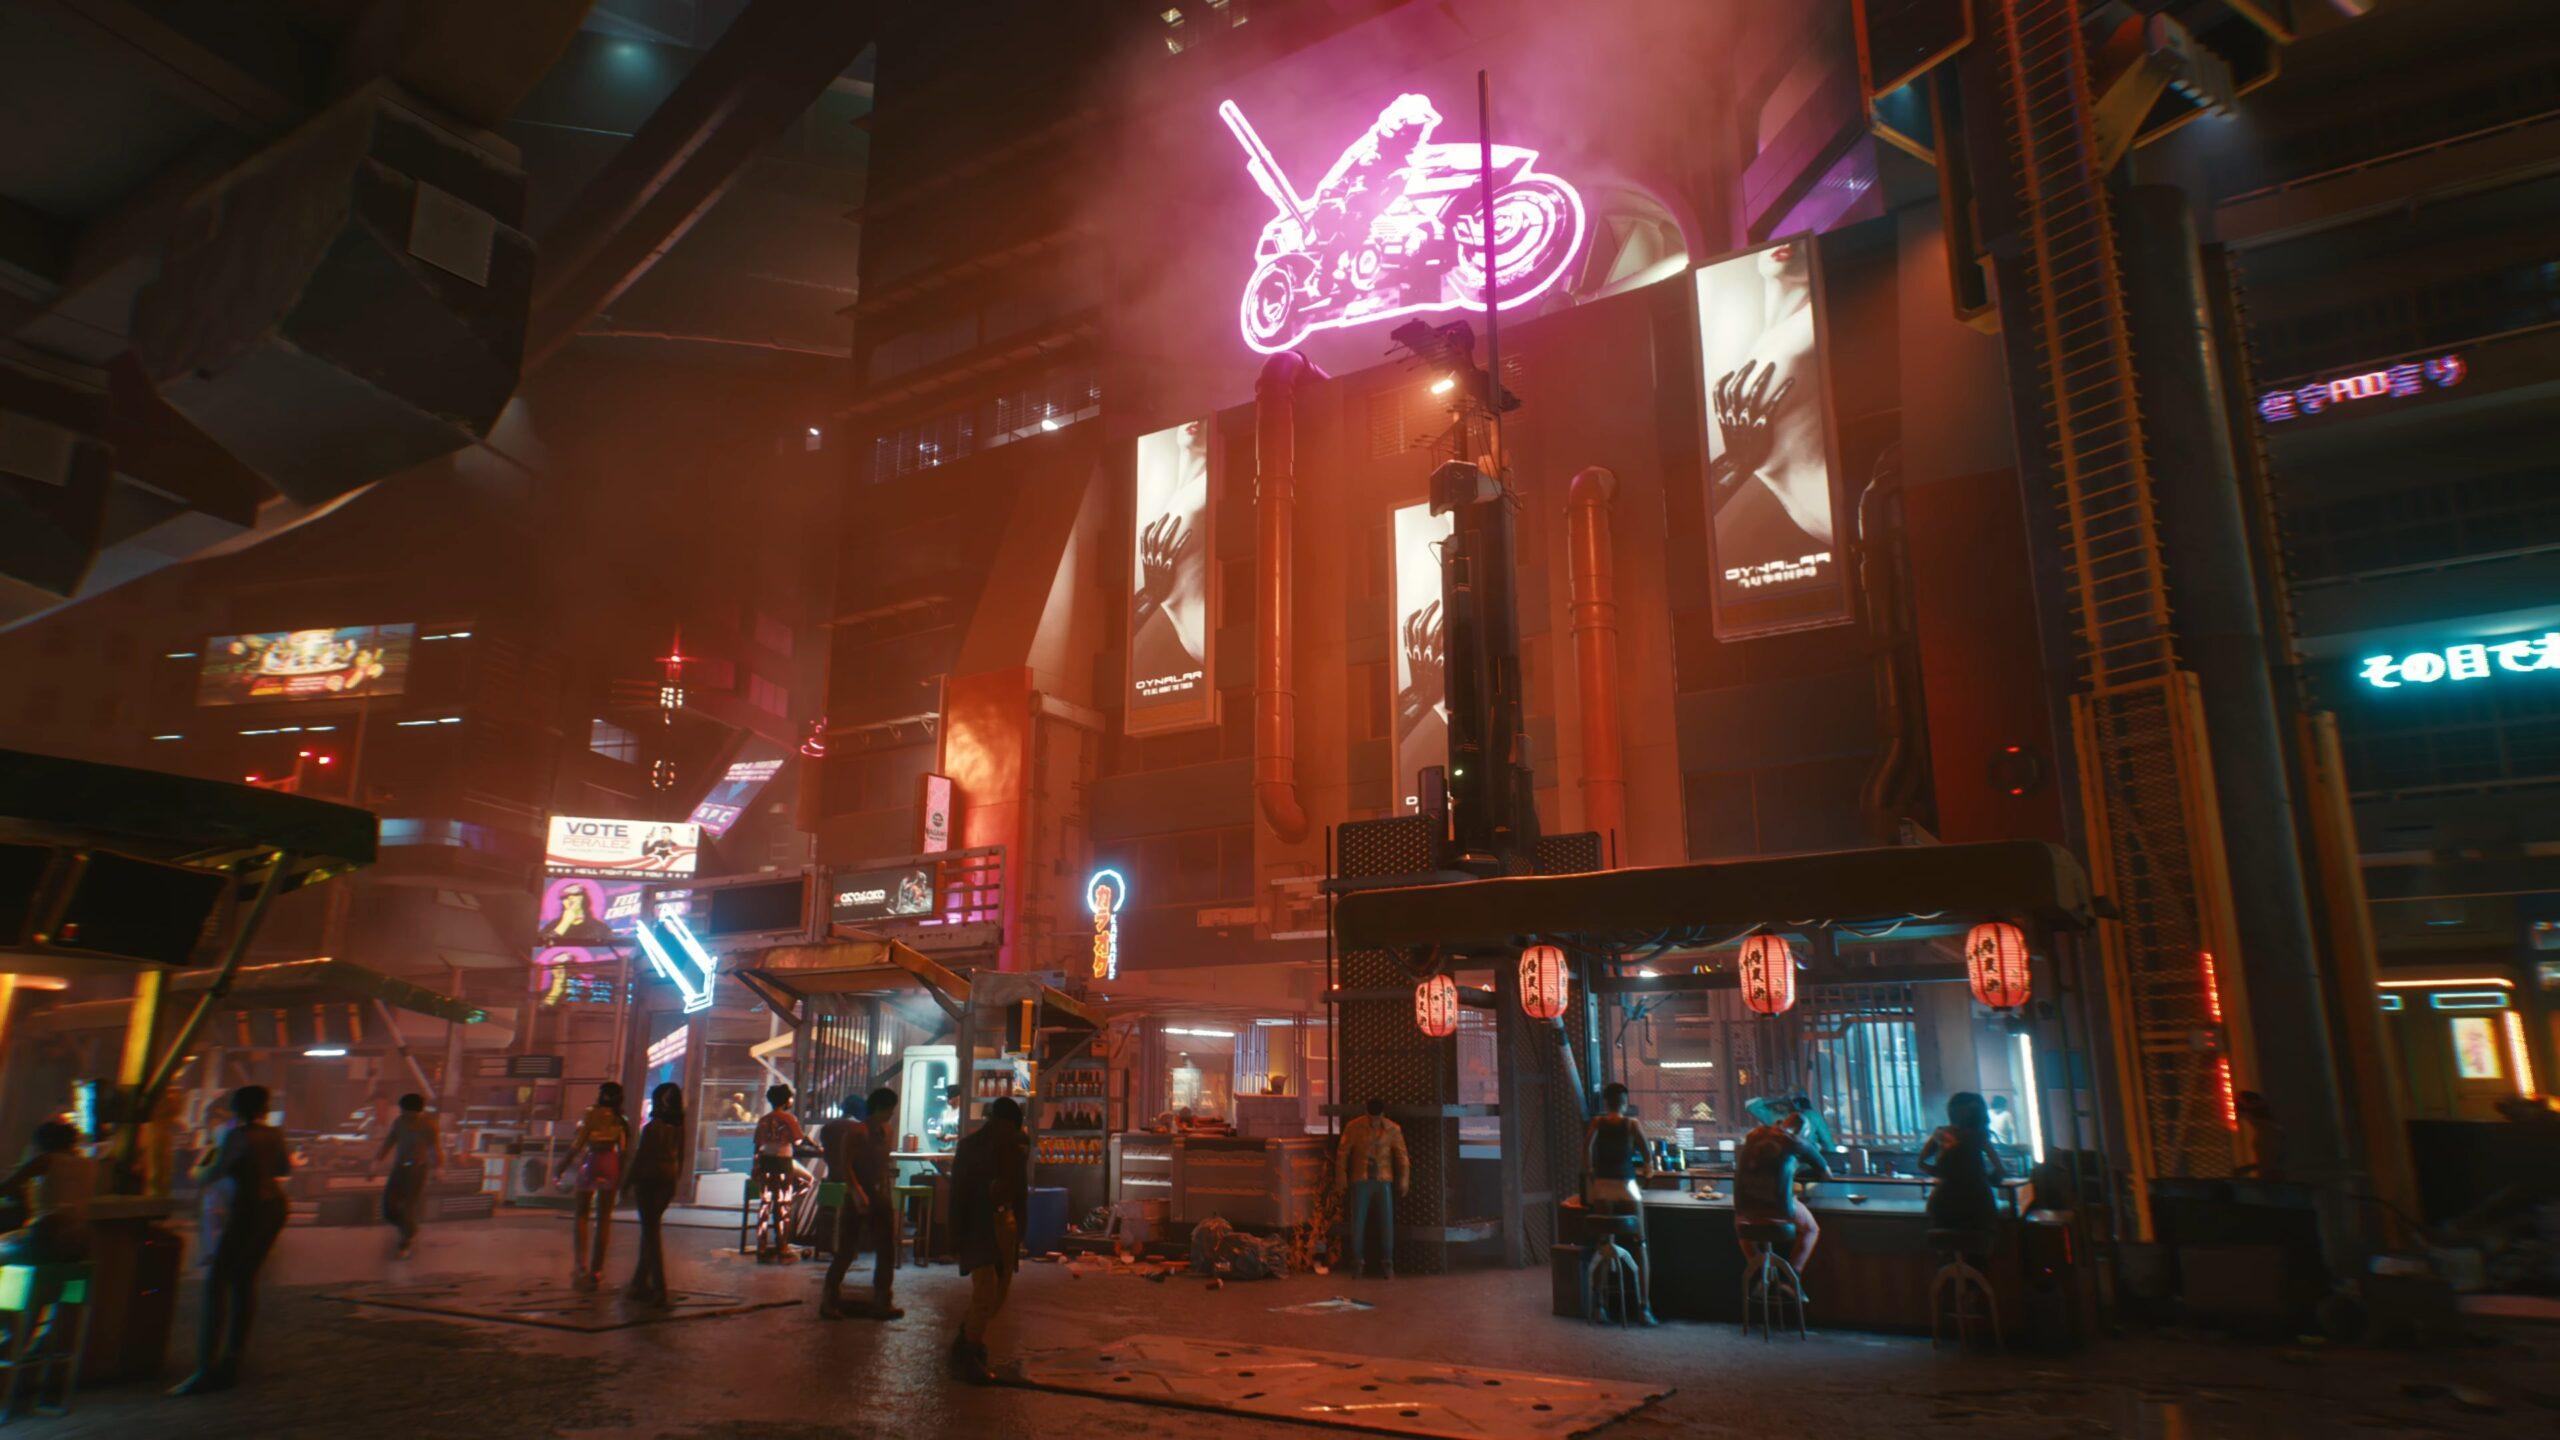 Cyberpunk 2077 — Night City Travel Exploration